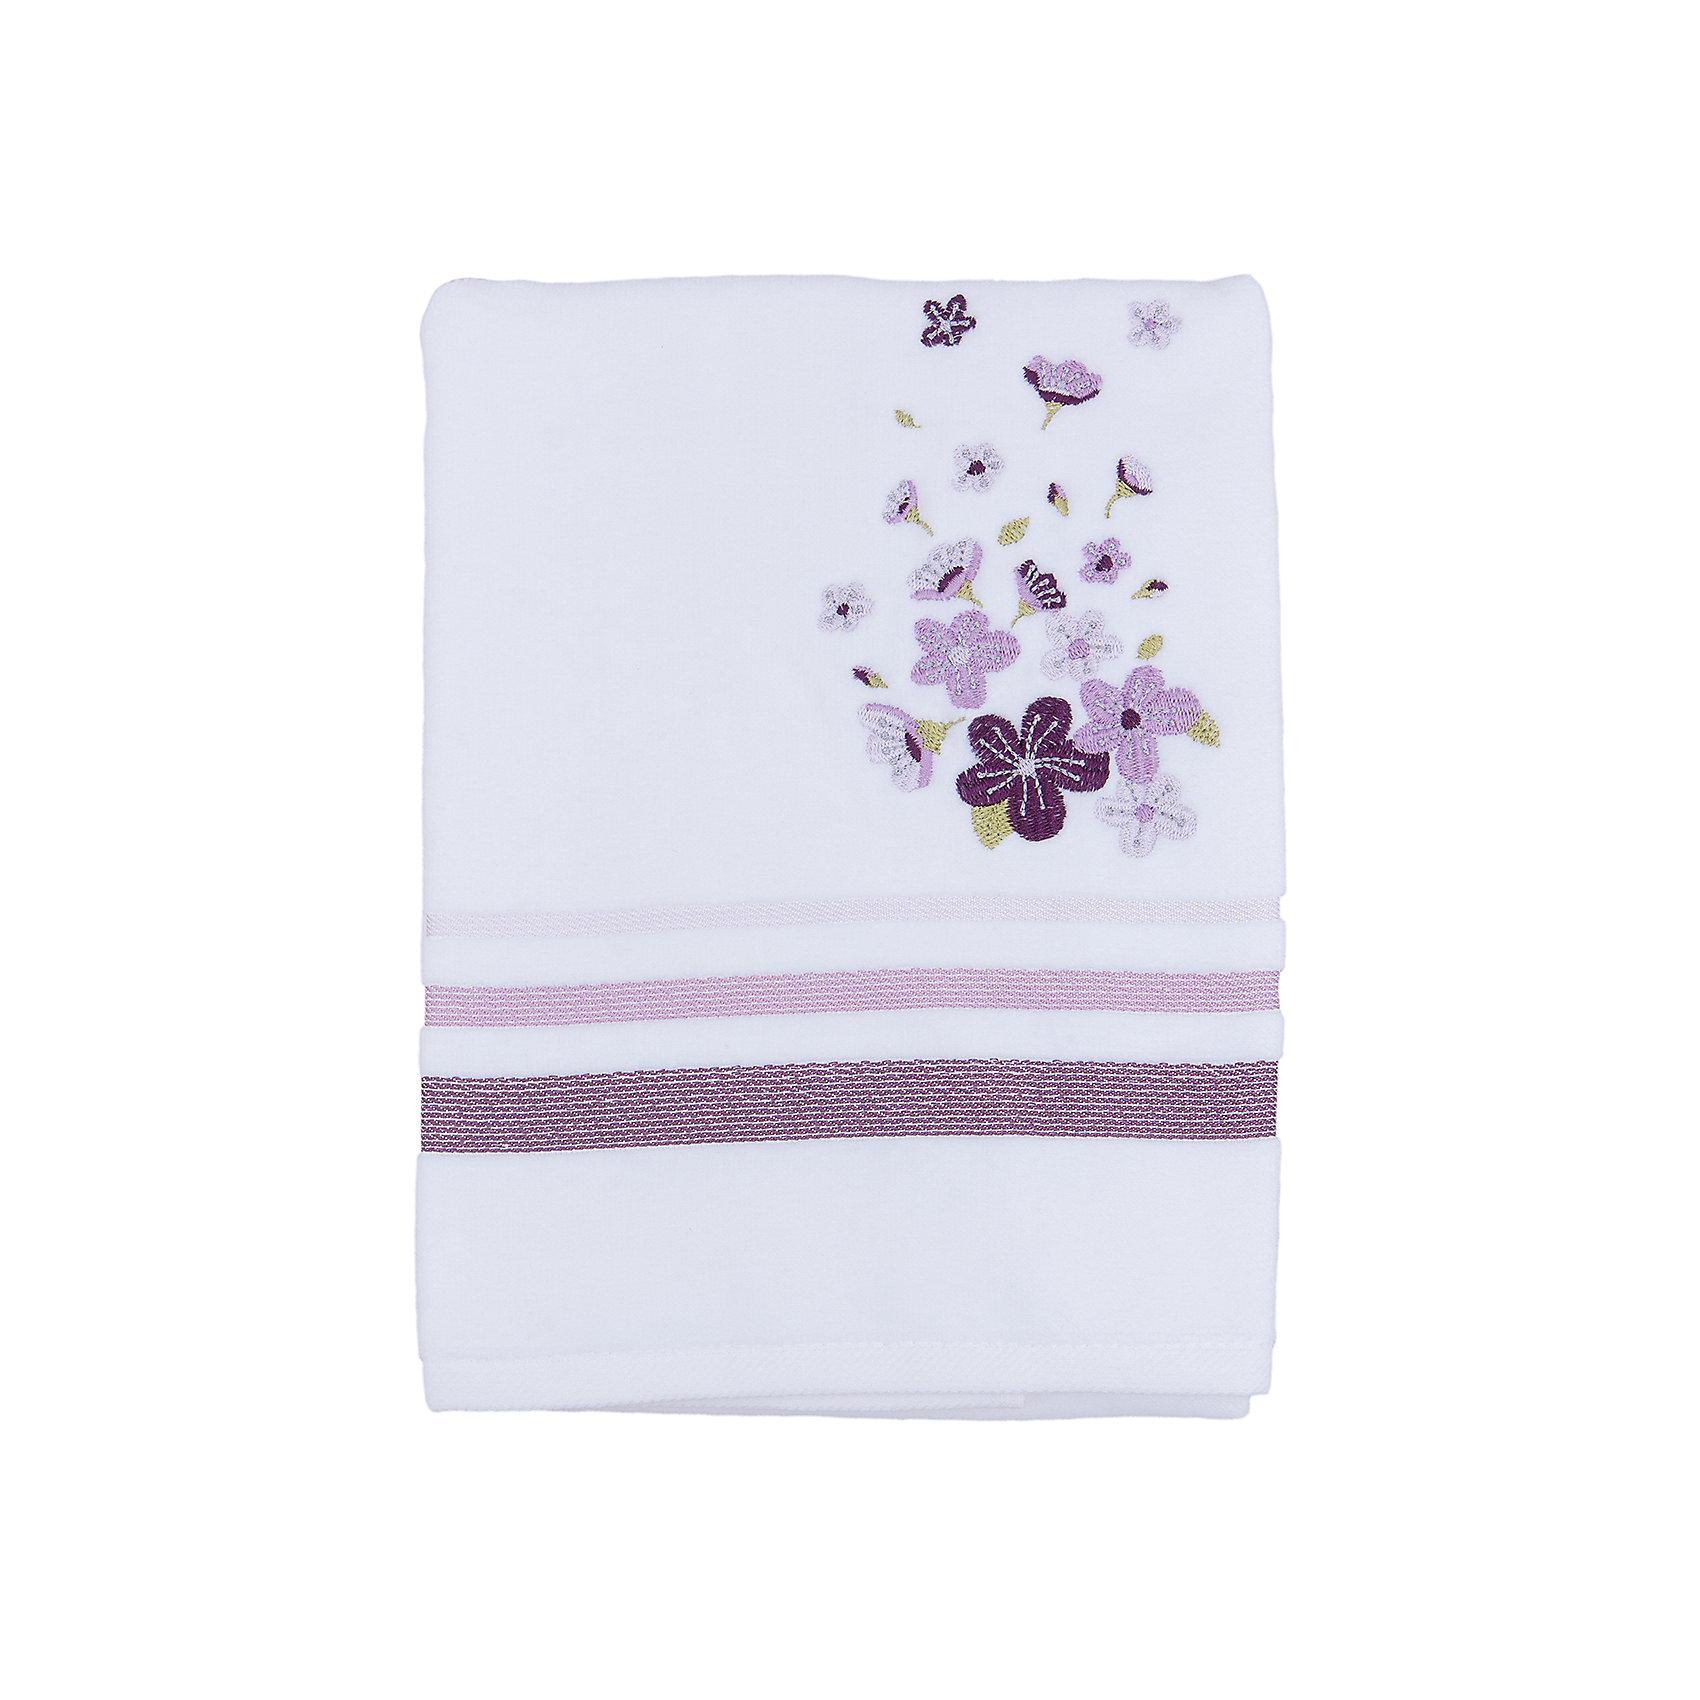 где купить TAC Полотенце подарочное ADELIA махровое 50*90, TAC, сиреневый по лучшей цене